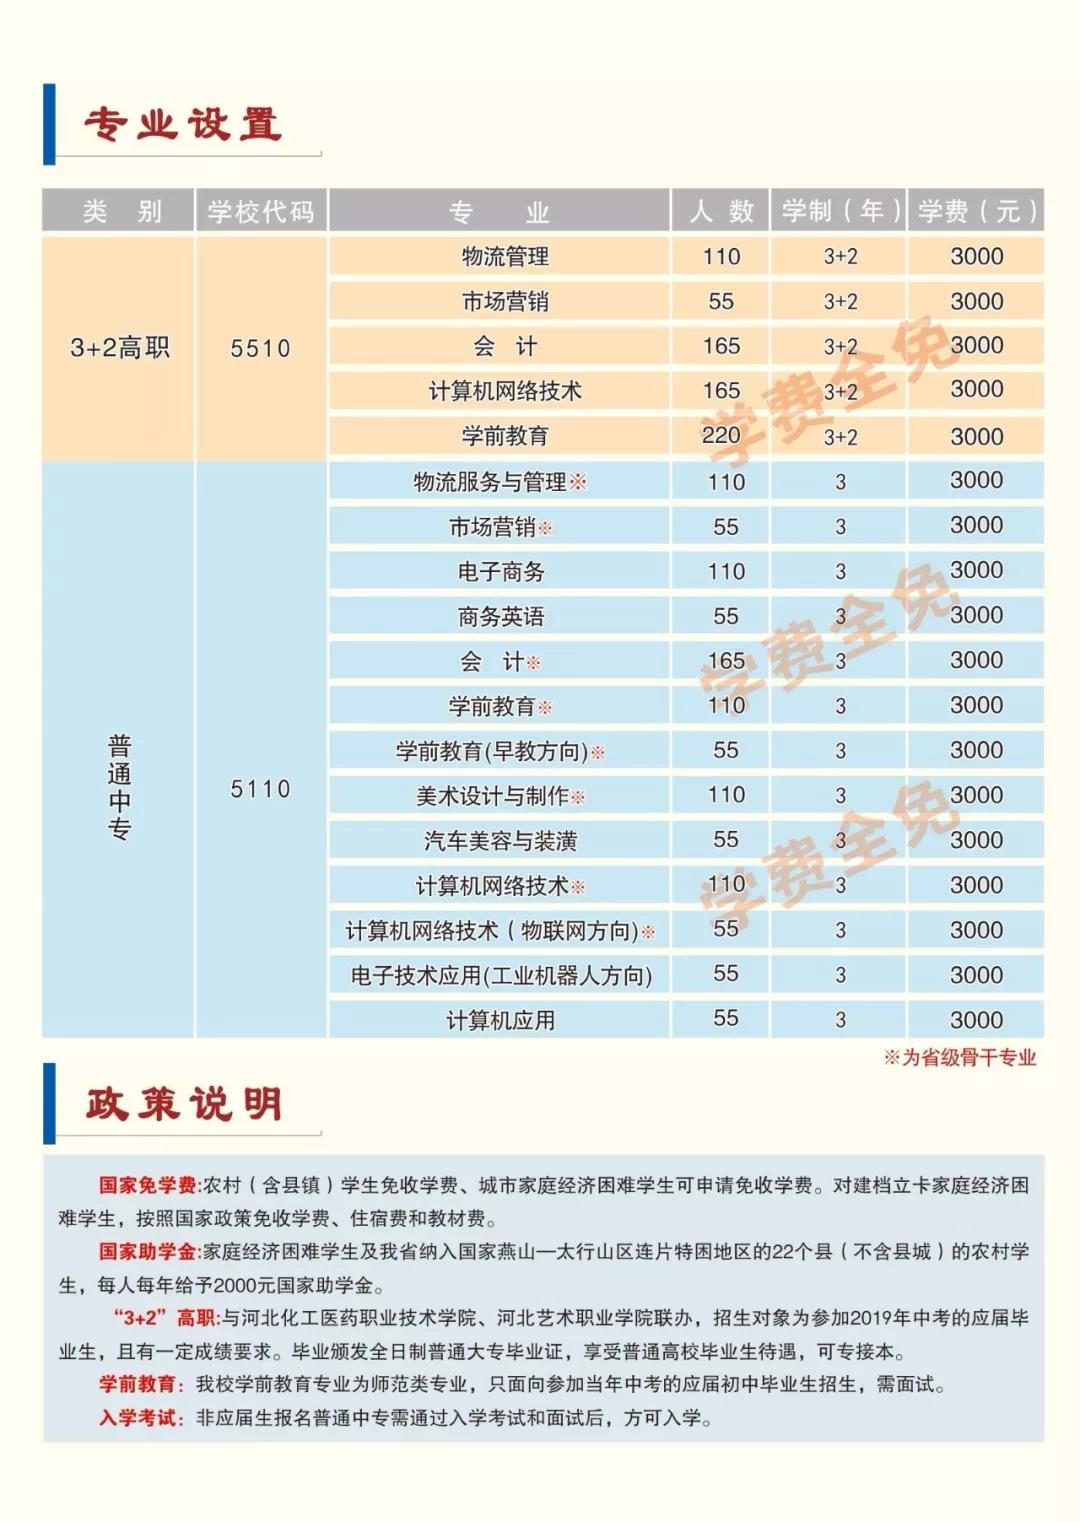 河北經濟管理學校專業介紹